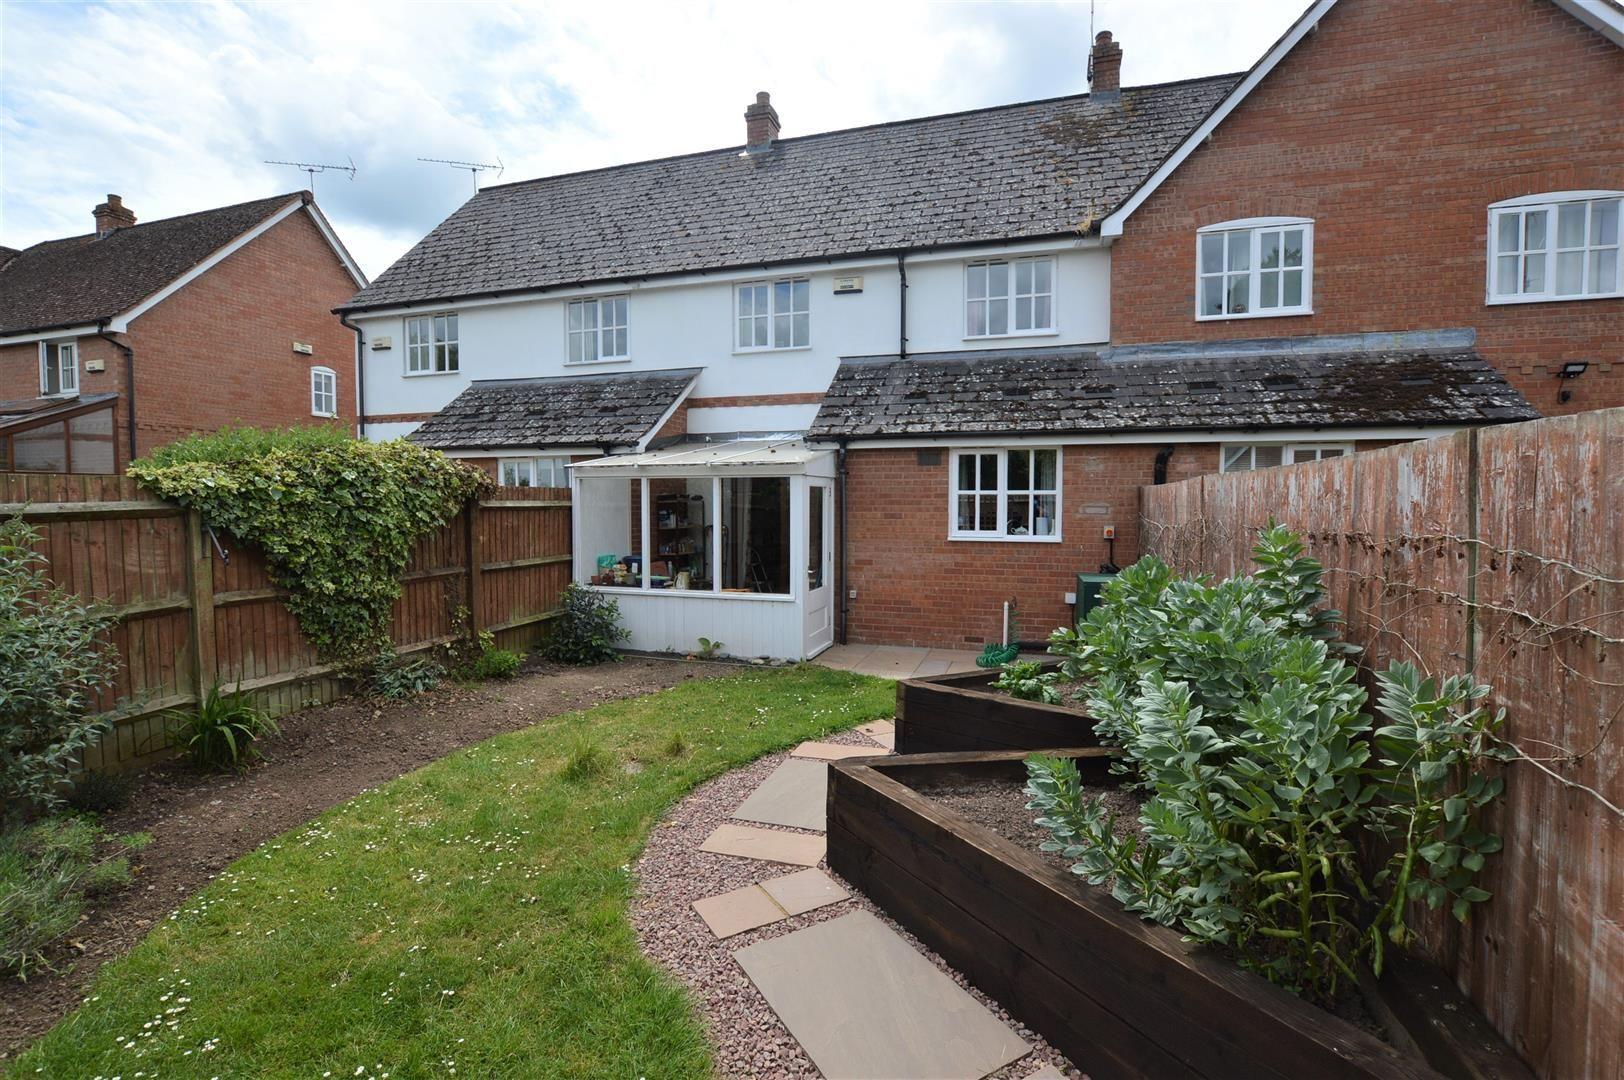 3 bed terraced for sale in Eardisley 7